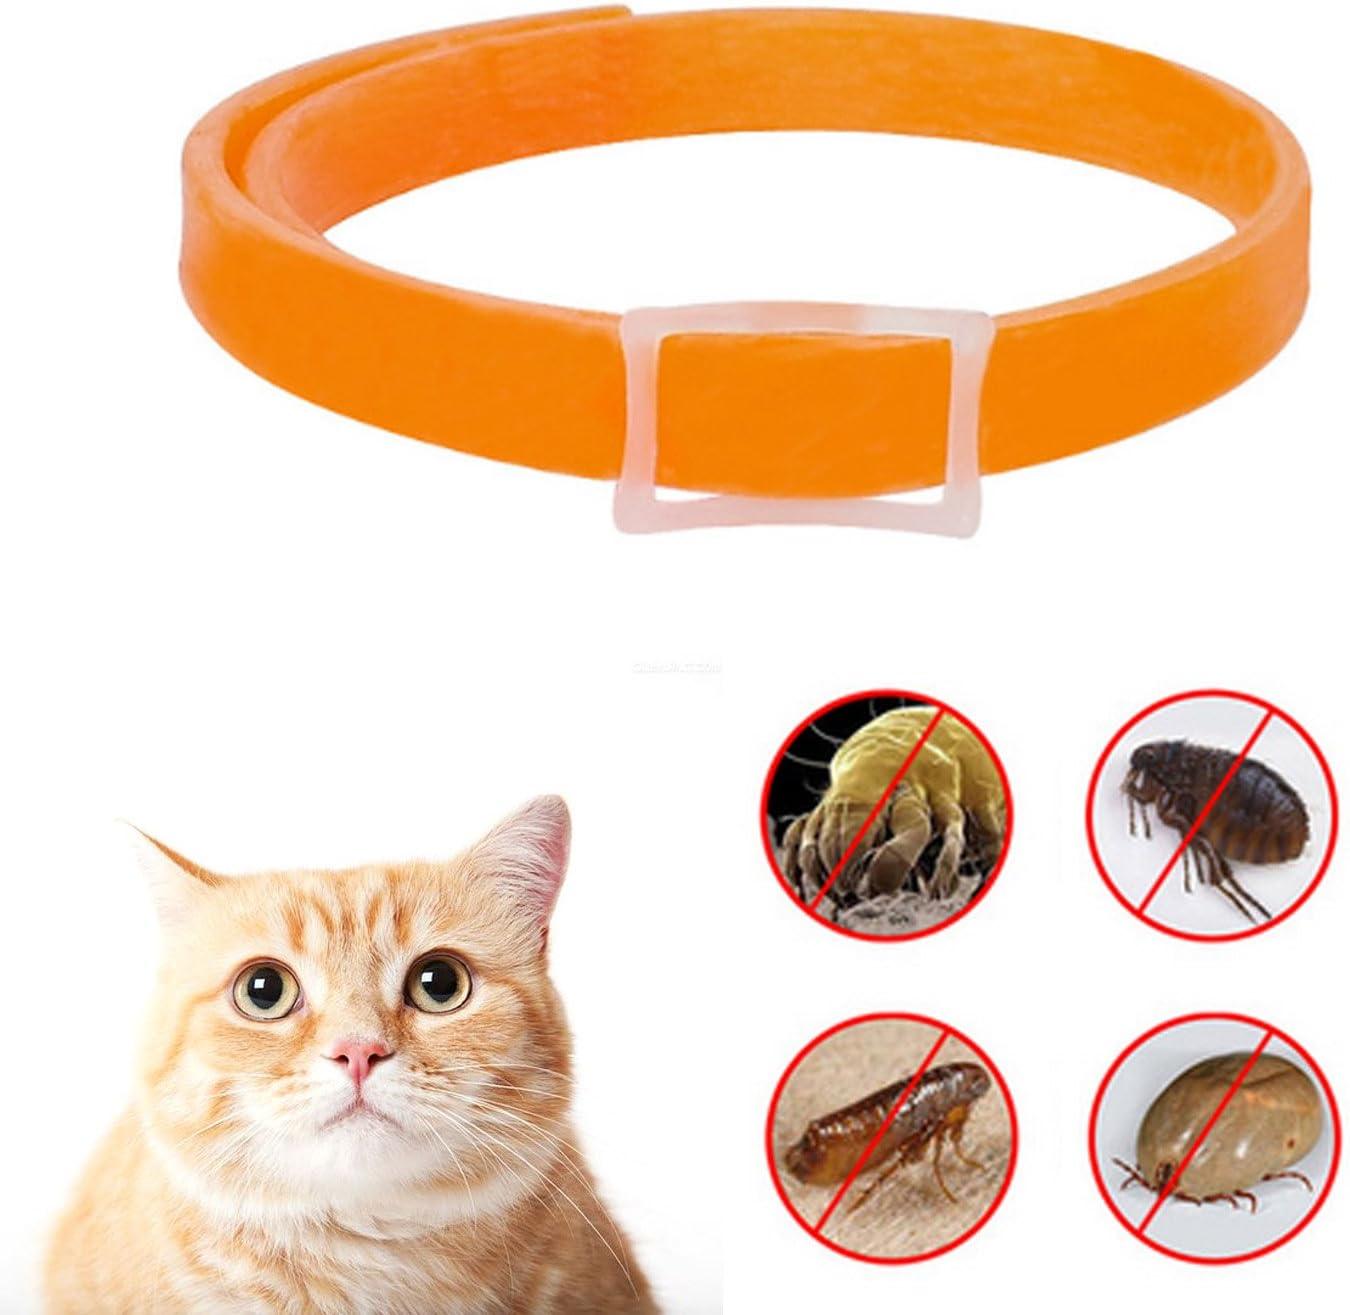 Beetest Mini 33cm Pet Cat Health Anti Lice Collar Anti Flea Tick Pest Mosquitoes Repellent Collar Parasites Deworming Orange